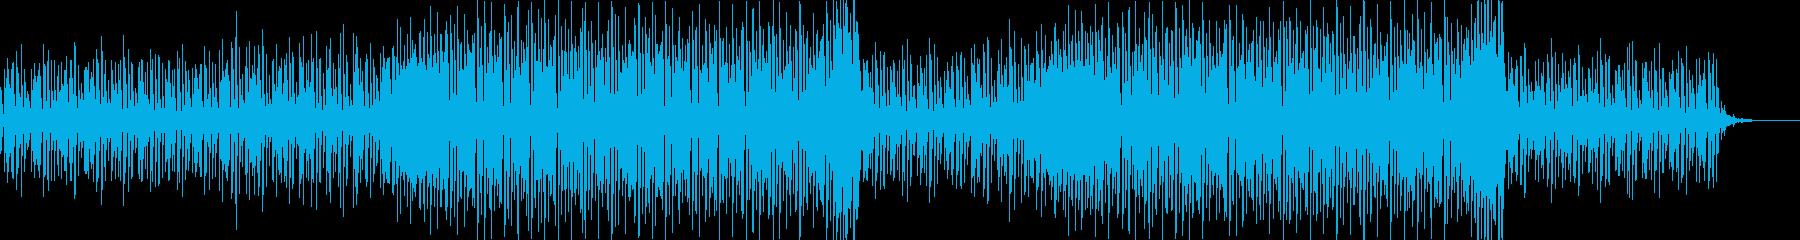 スピード感のあるドキドキするテクノの再生済みの波形